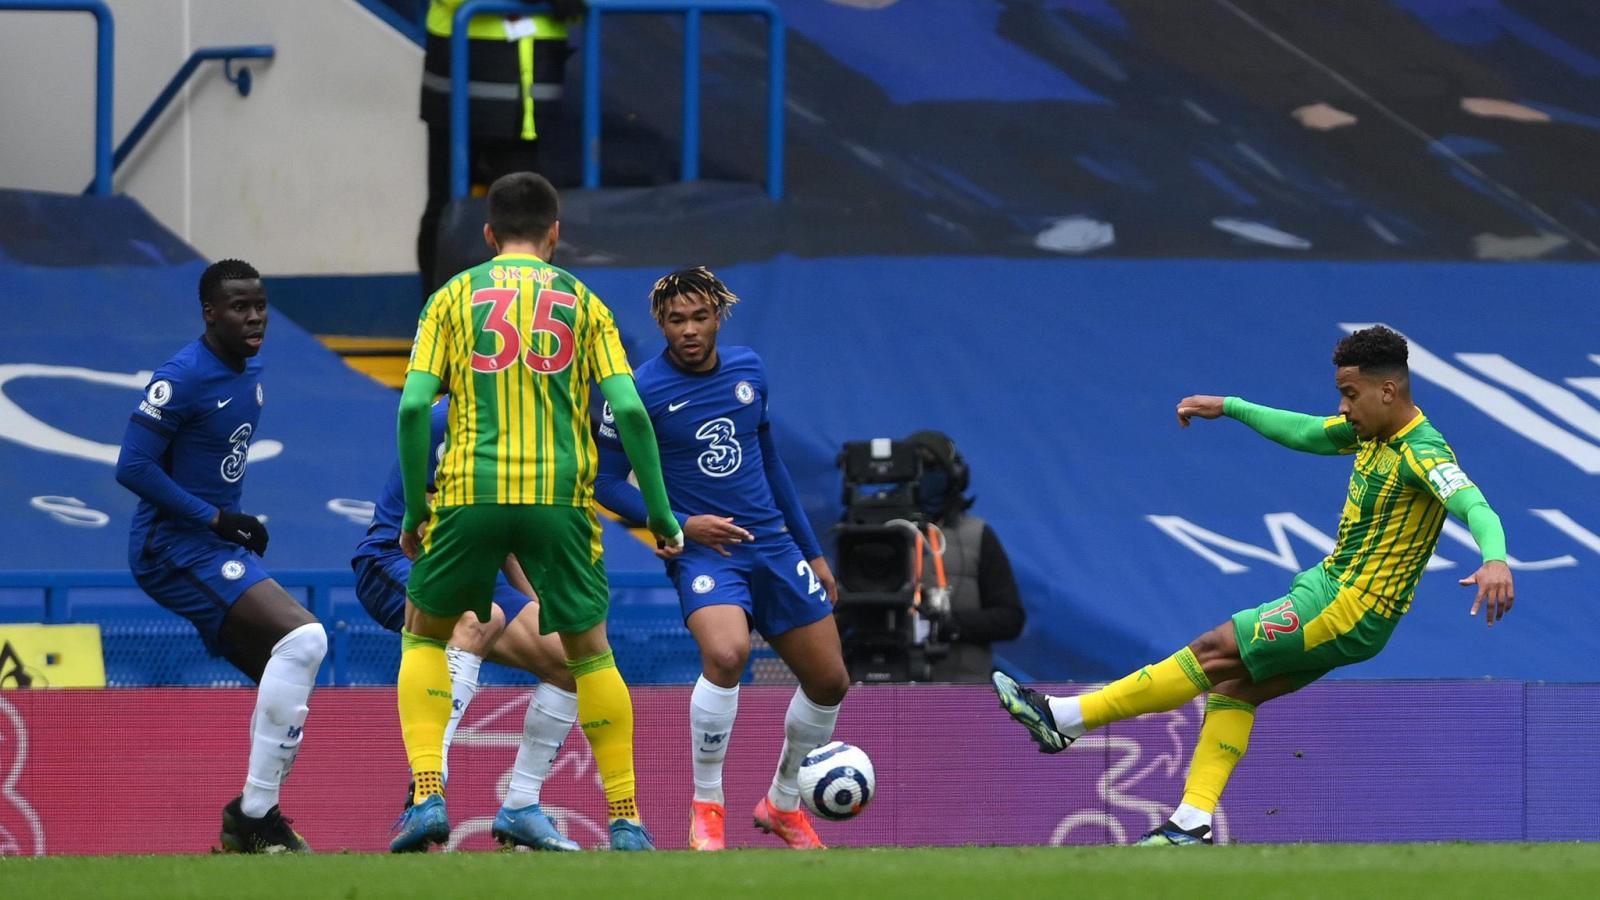 La zurda prodigiosa de Matheus Pereira para anotar el segundo de su equipo y de su cuenta personal. El brasileño brilló en Londres.